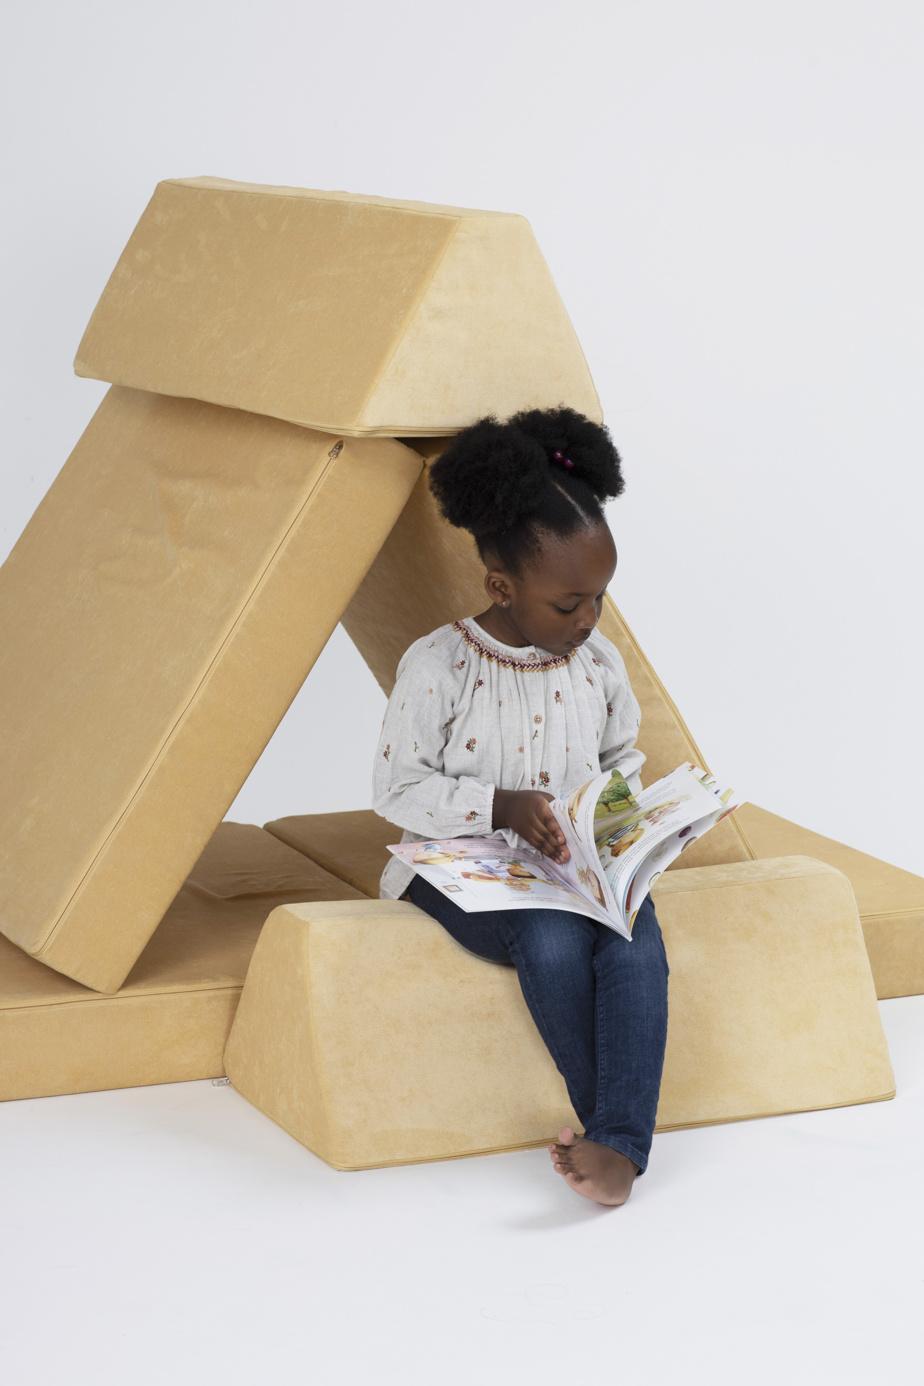 Le canapé peut servir de jeu aux enfants.